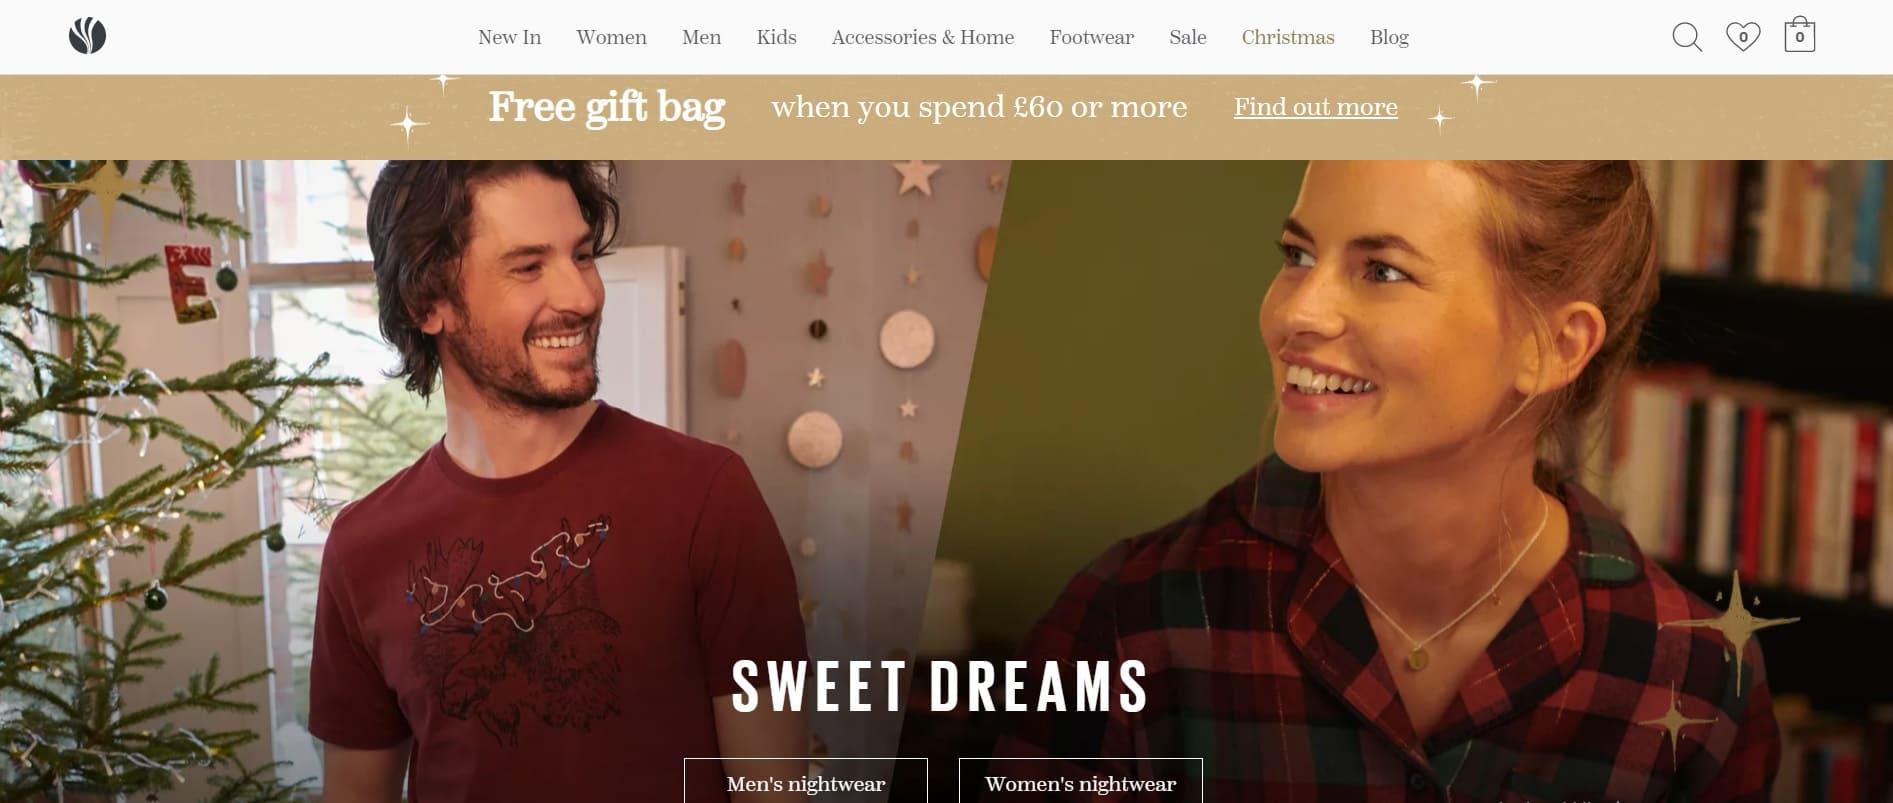 home page sito FatFace